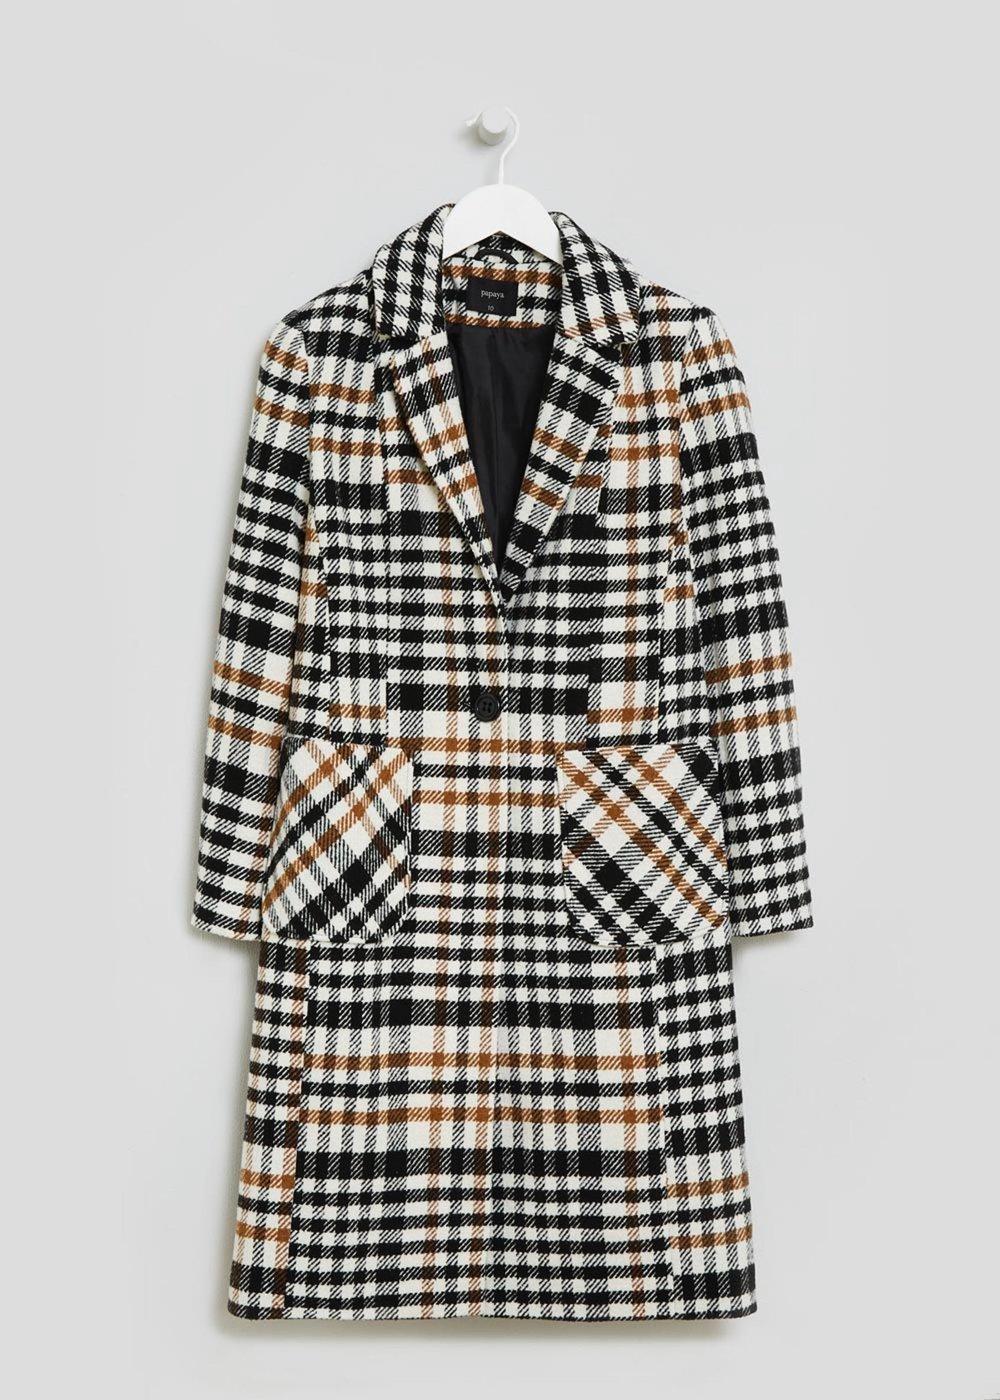 Coat, £40